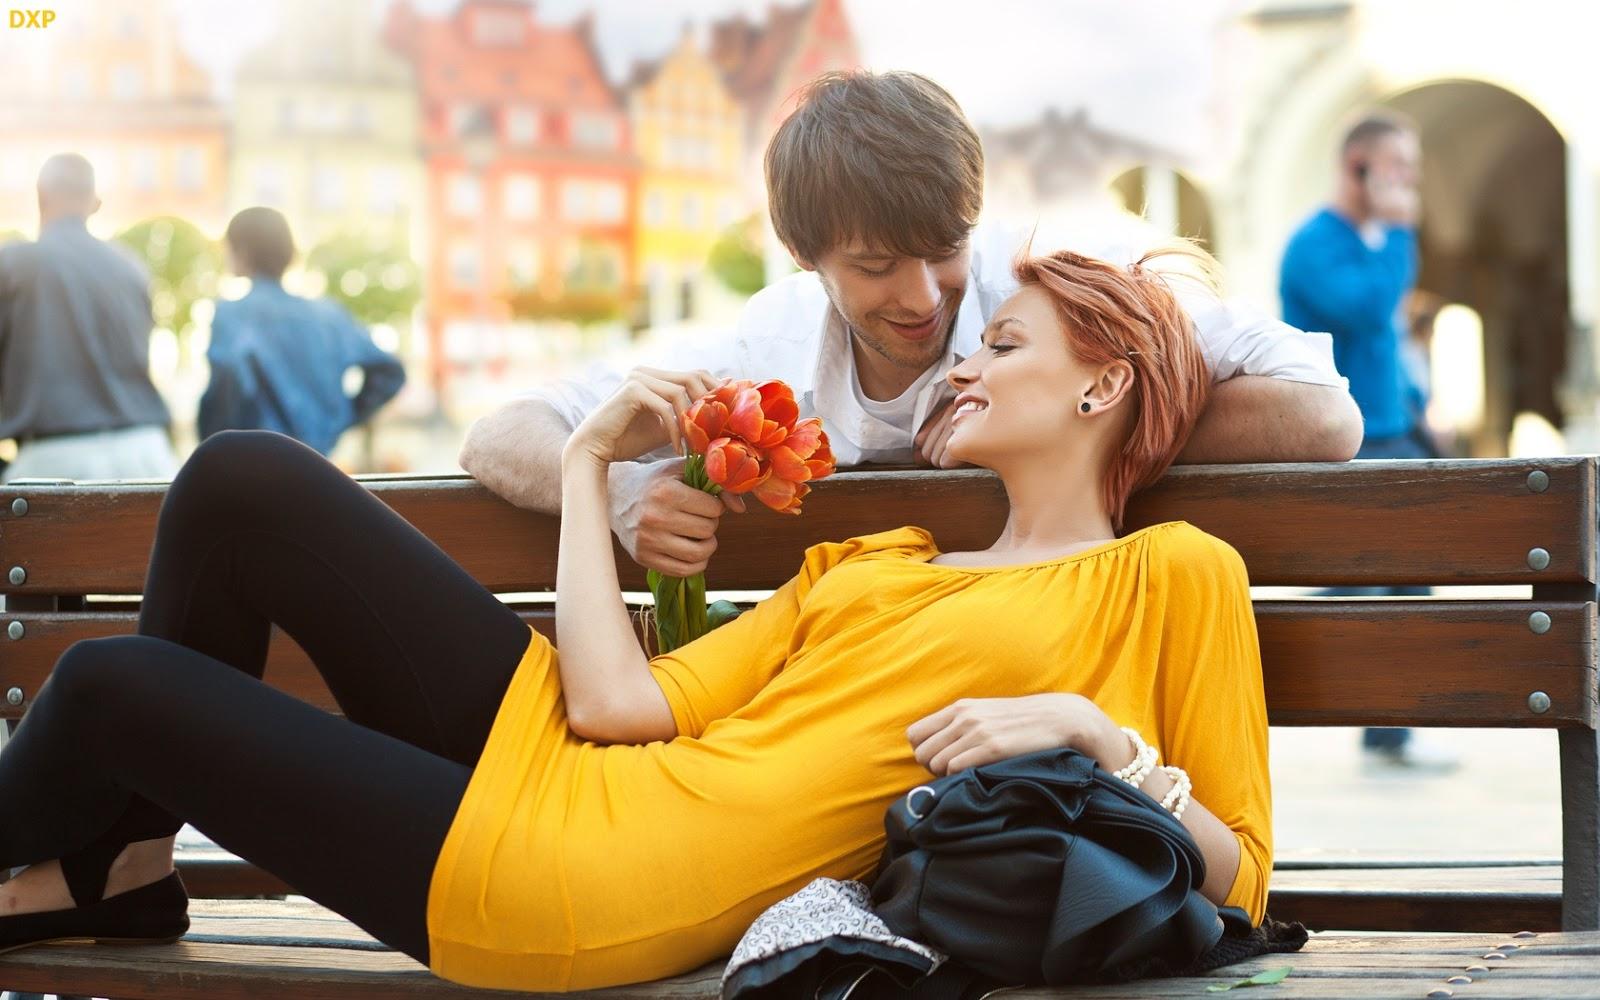 بالصور تحميل صور رومانسيه , اروع الصور الرومانسية 4813 3